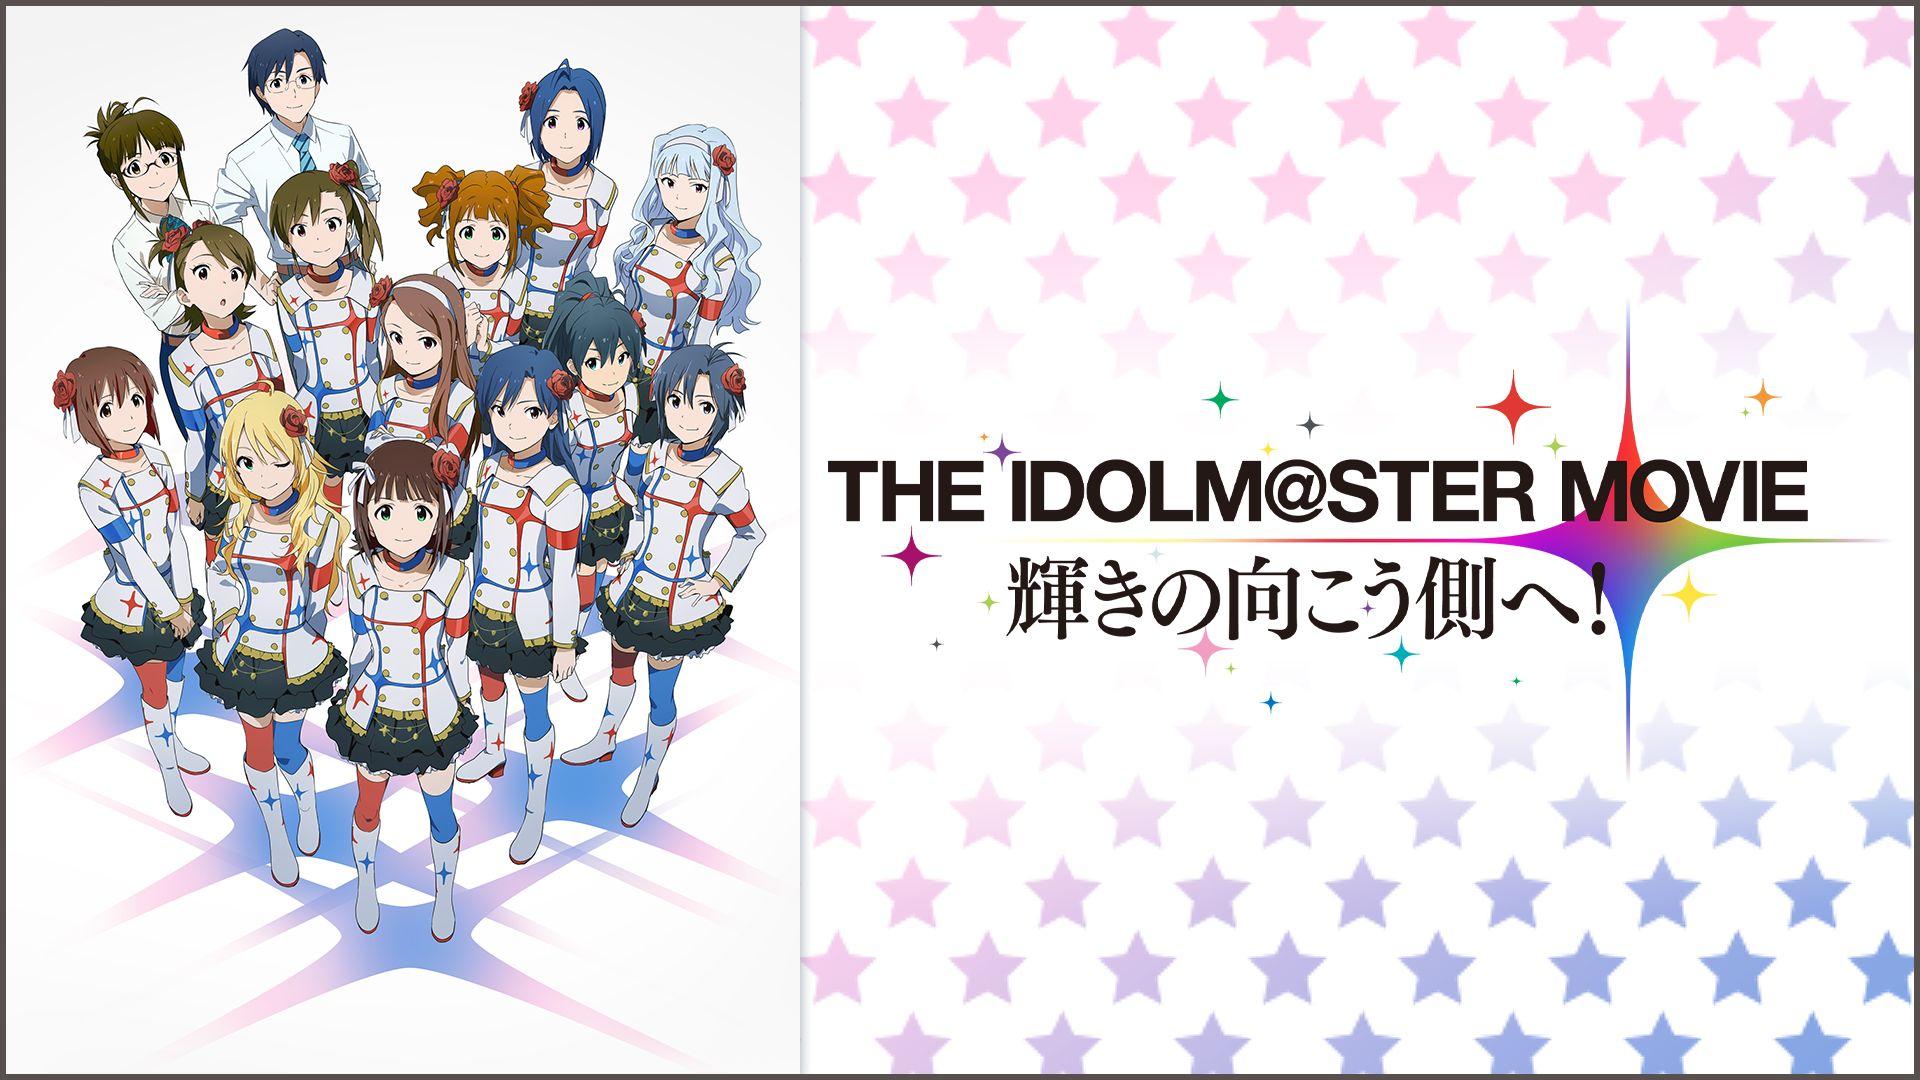 THE IDOLM@STER MOVIE 輝きの向こう側へ!(dアニメストア)